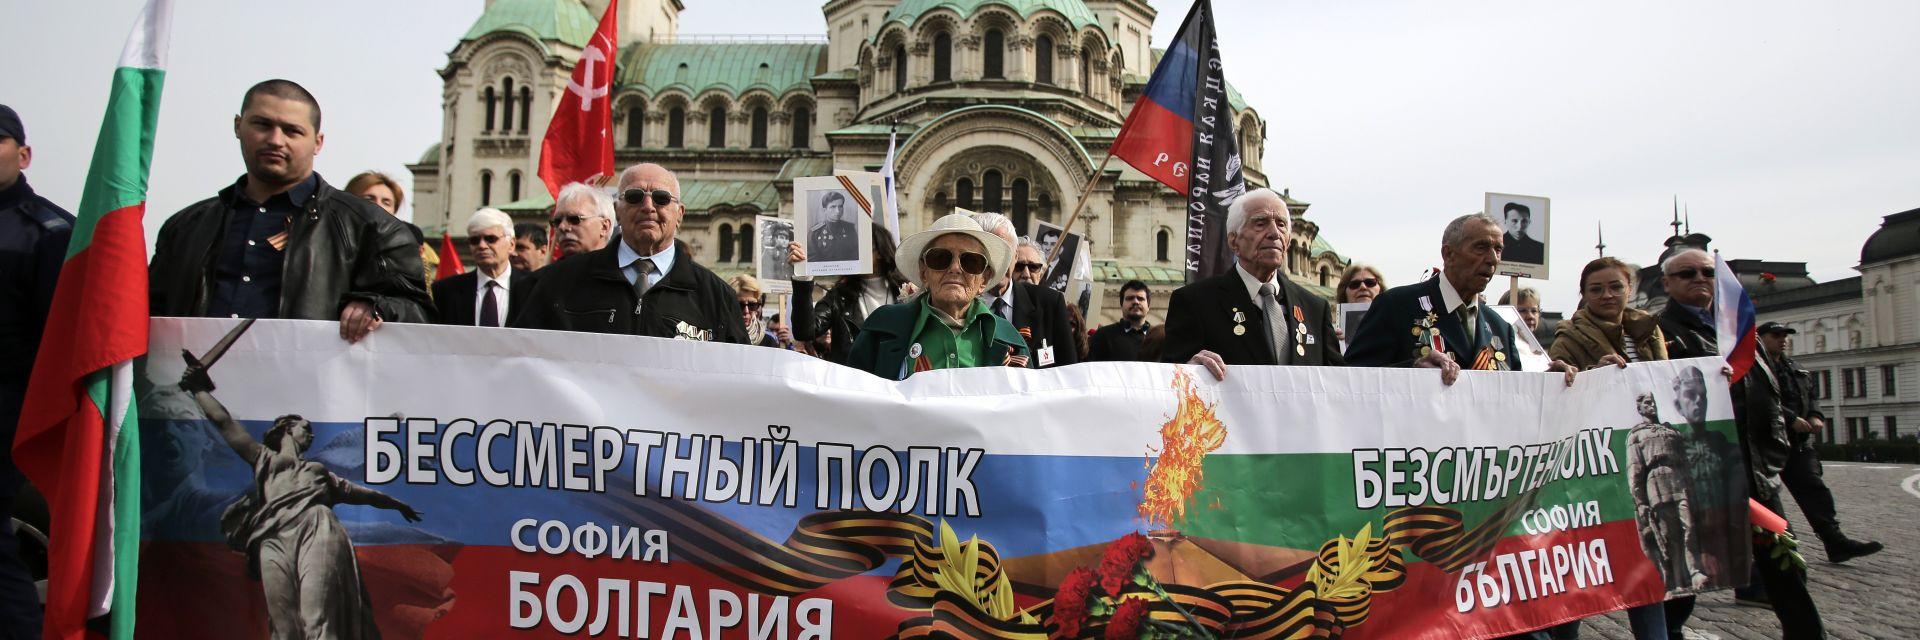 """Маршът на """"Безсмъртния полк"""" премина през София"""